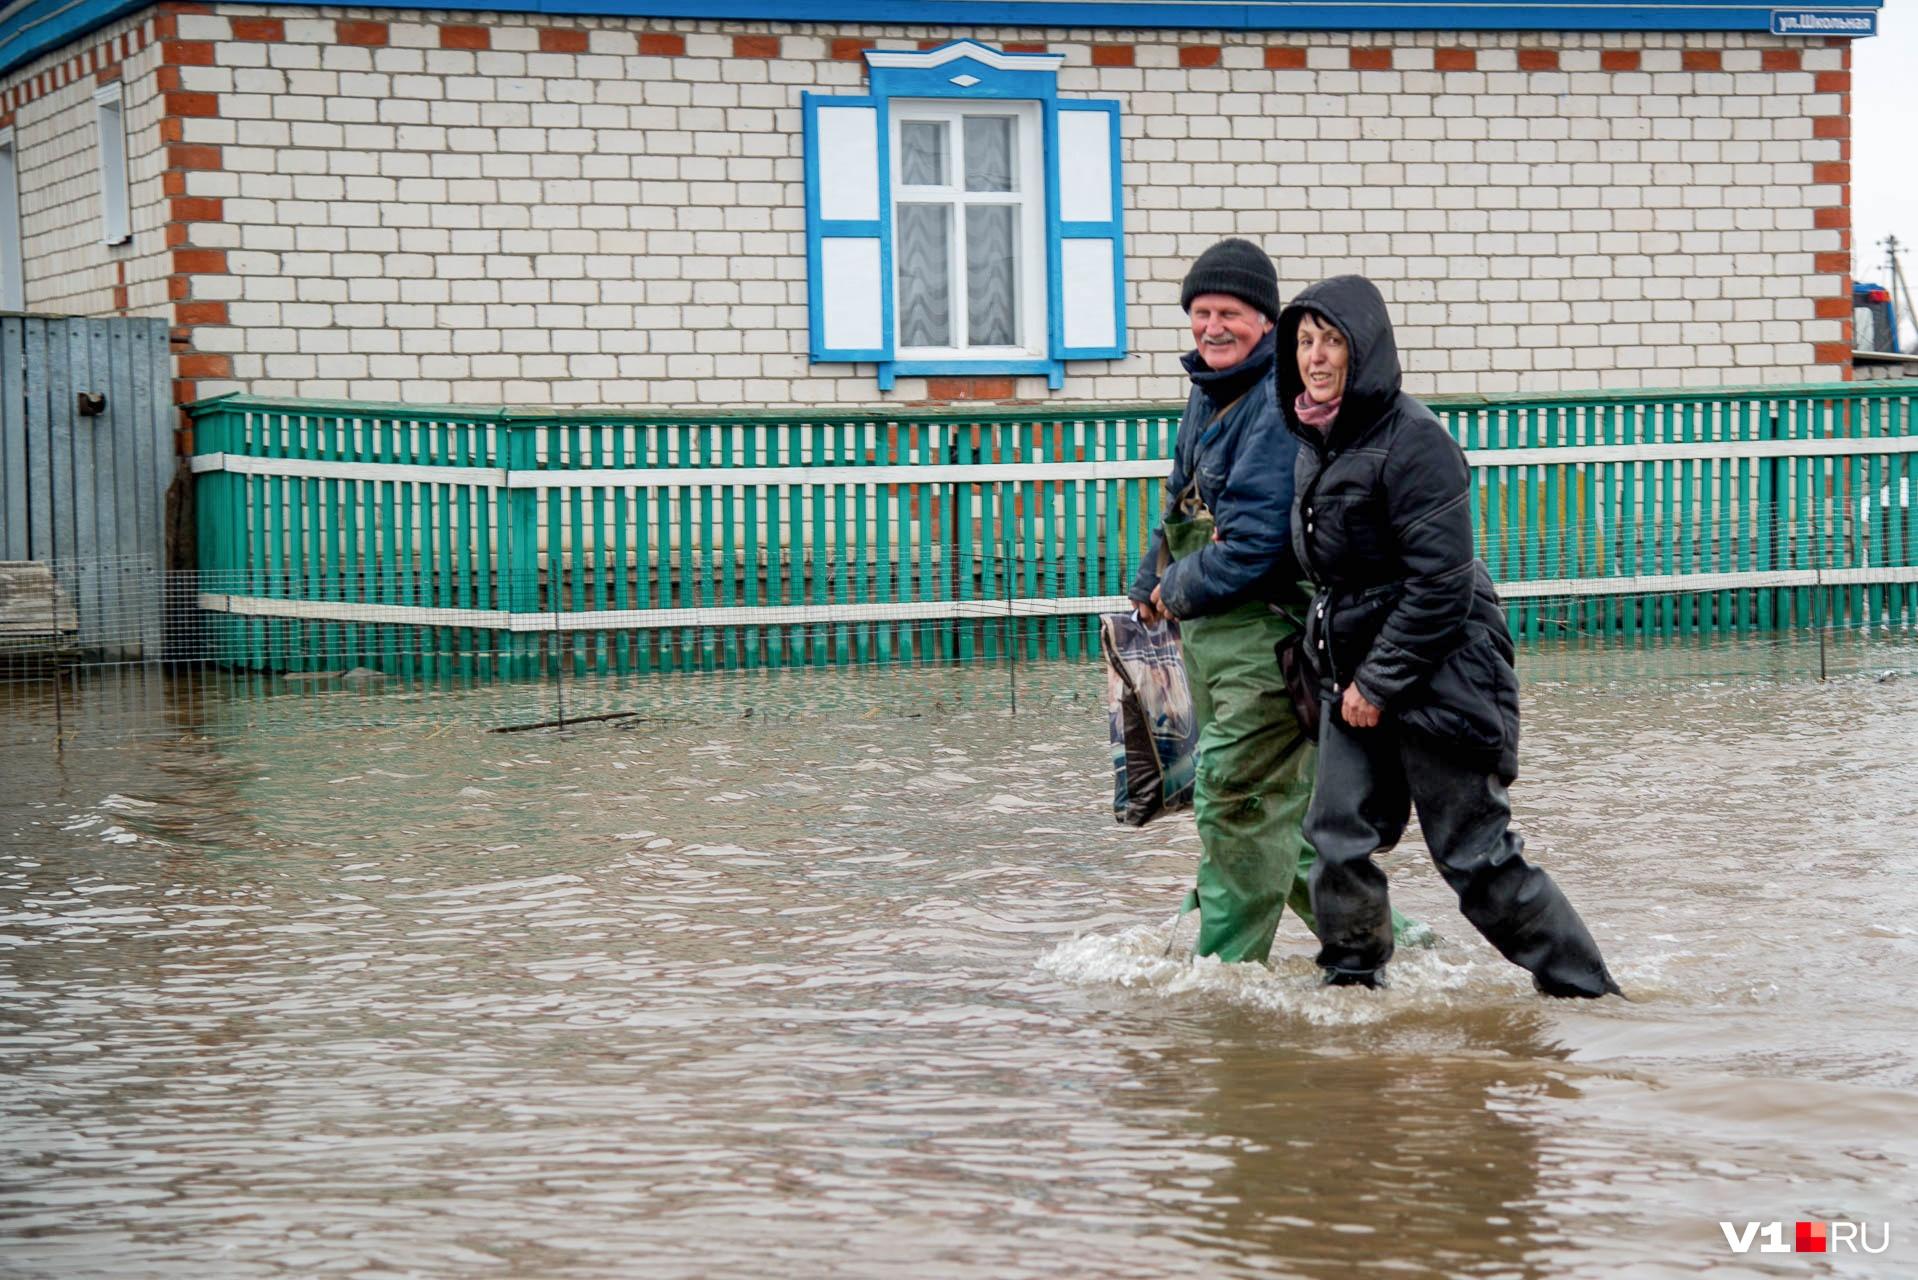 Одного только факта наводнения или землетрясения недостаточно для получения компенсации: нужно, чтобы в регионе ввели особый режим ЧС